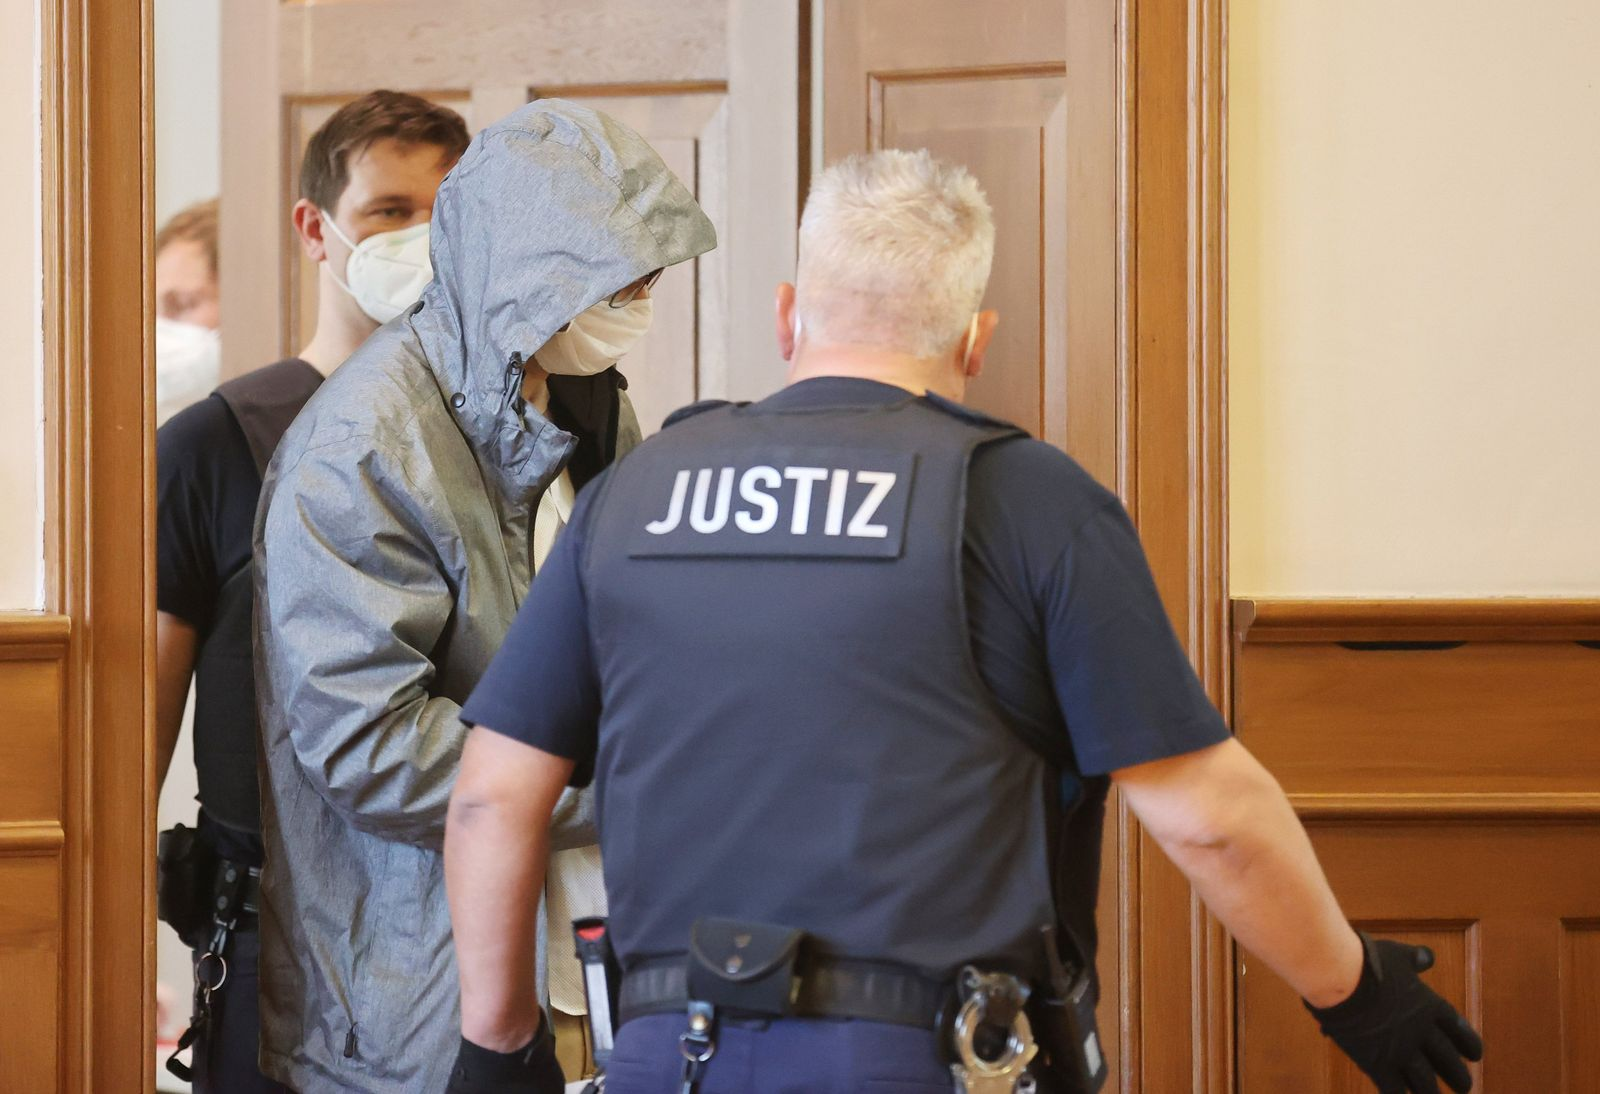 Vergewaltigung - Prozess gegen zwei Polizisten beginnt